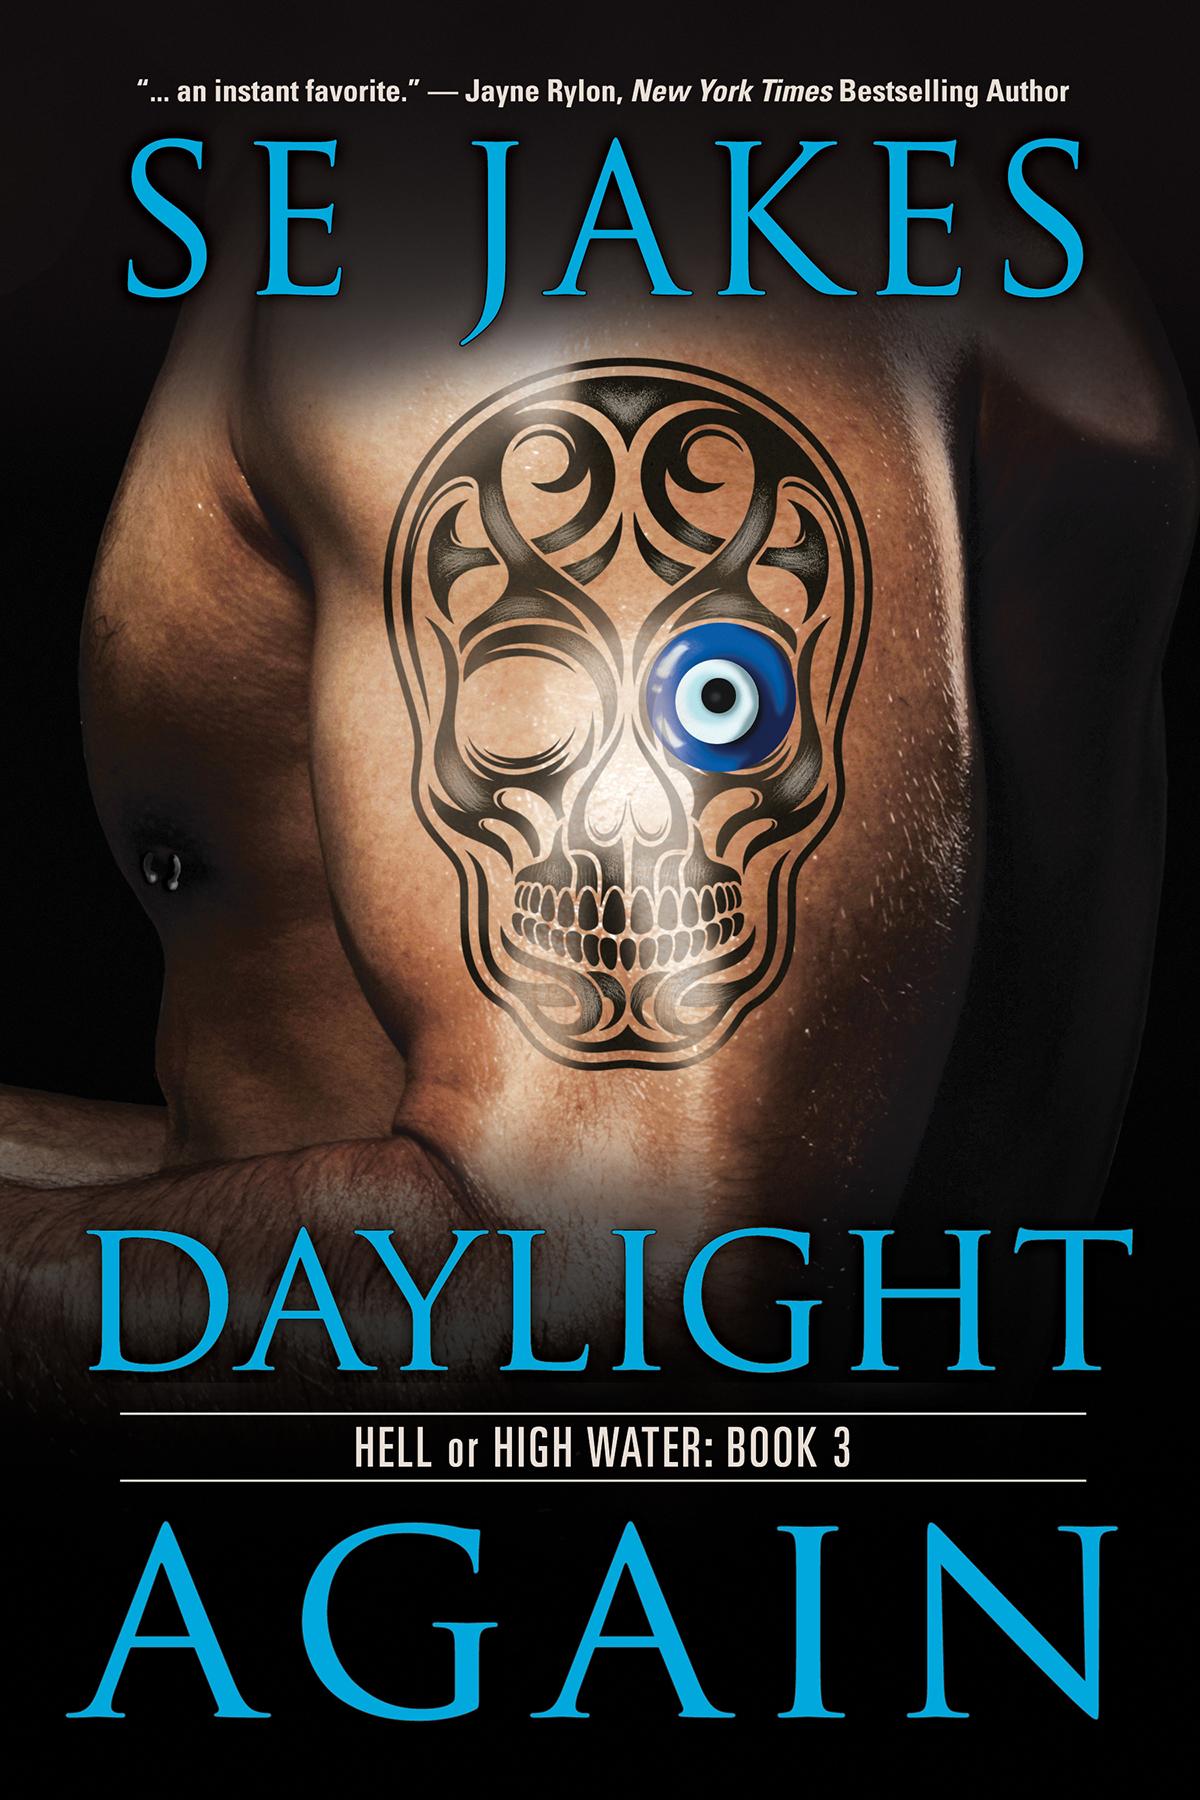 DaylightAgain_1200x1800HR